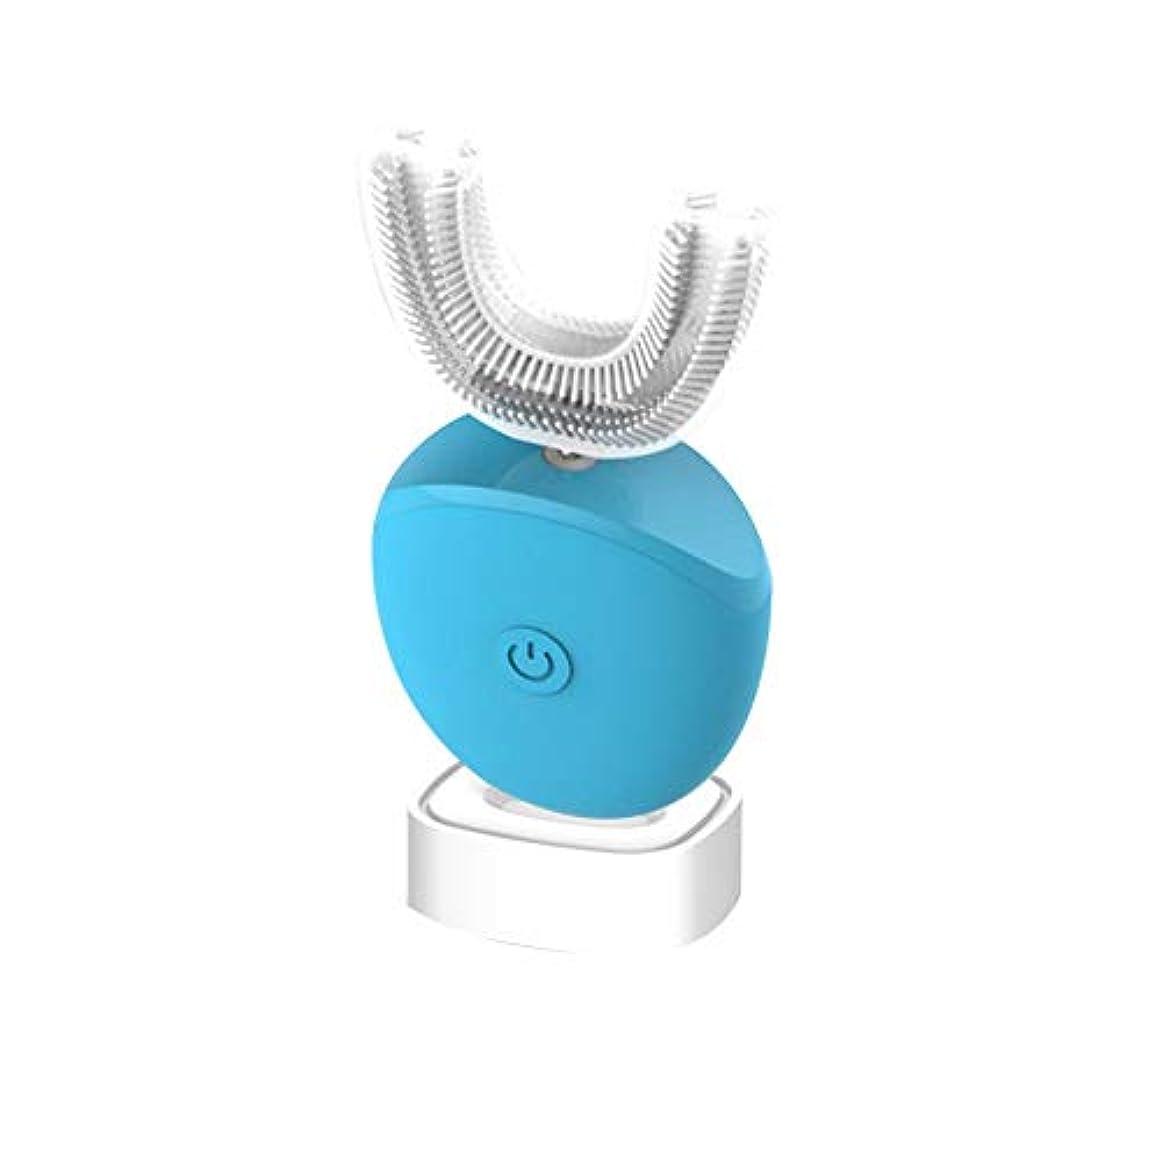 ヒロイック乗り出す人道的フルオートマチック可変周波数電動歯ブラシ、自動360度U字型電動歯ブラシ、ワイヤレス充電IPX7防水自動歯ブラシ(大人用),Blue